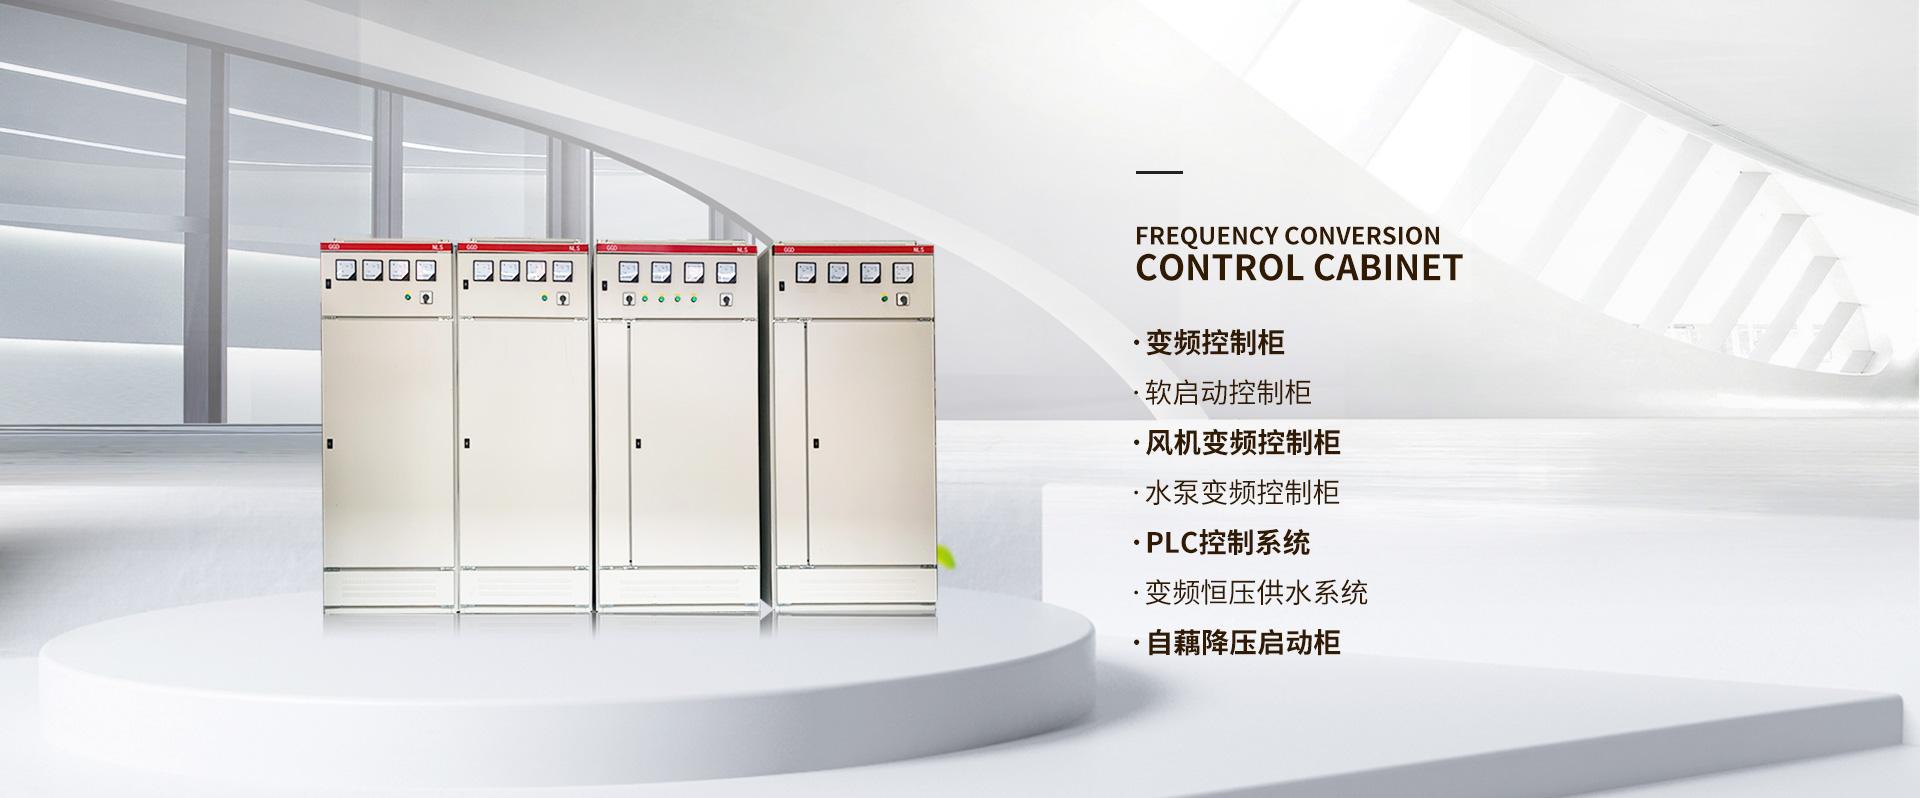 长沙文铖电气设备有限公司_长沙变频器长沙控制柜